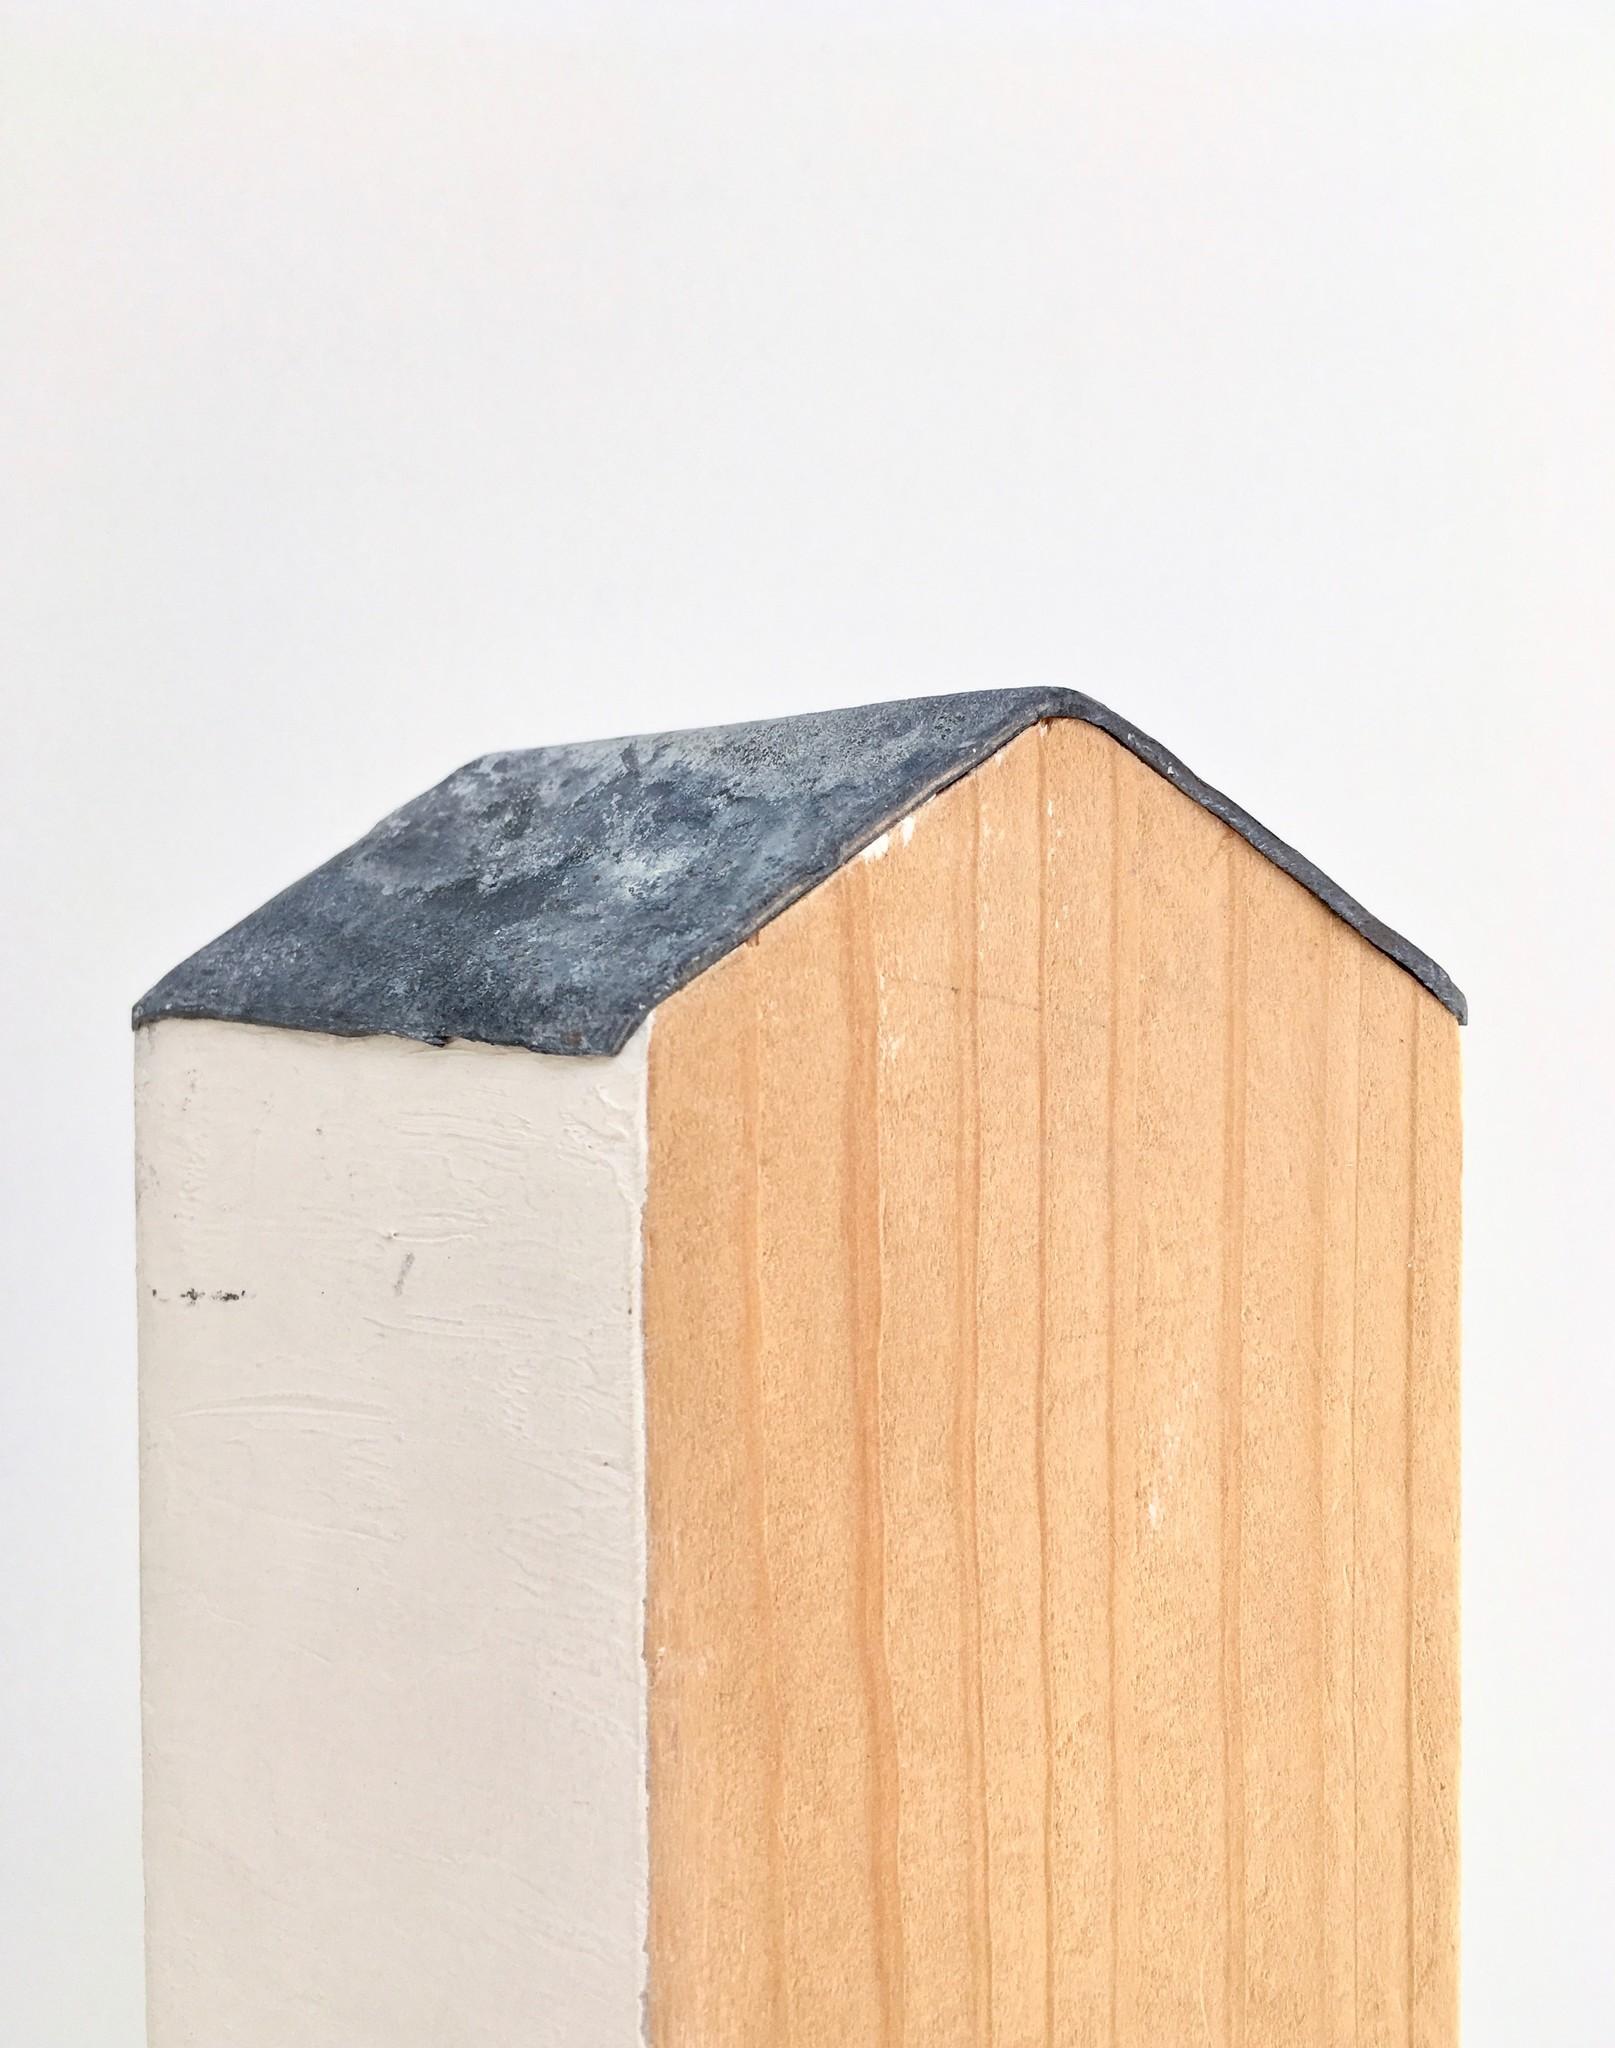 JELLEMA | Huis, 2011